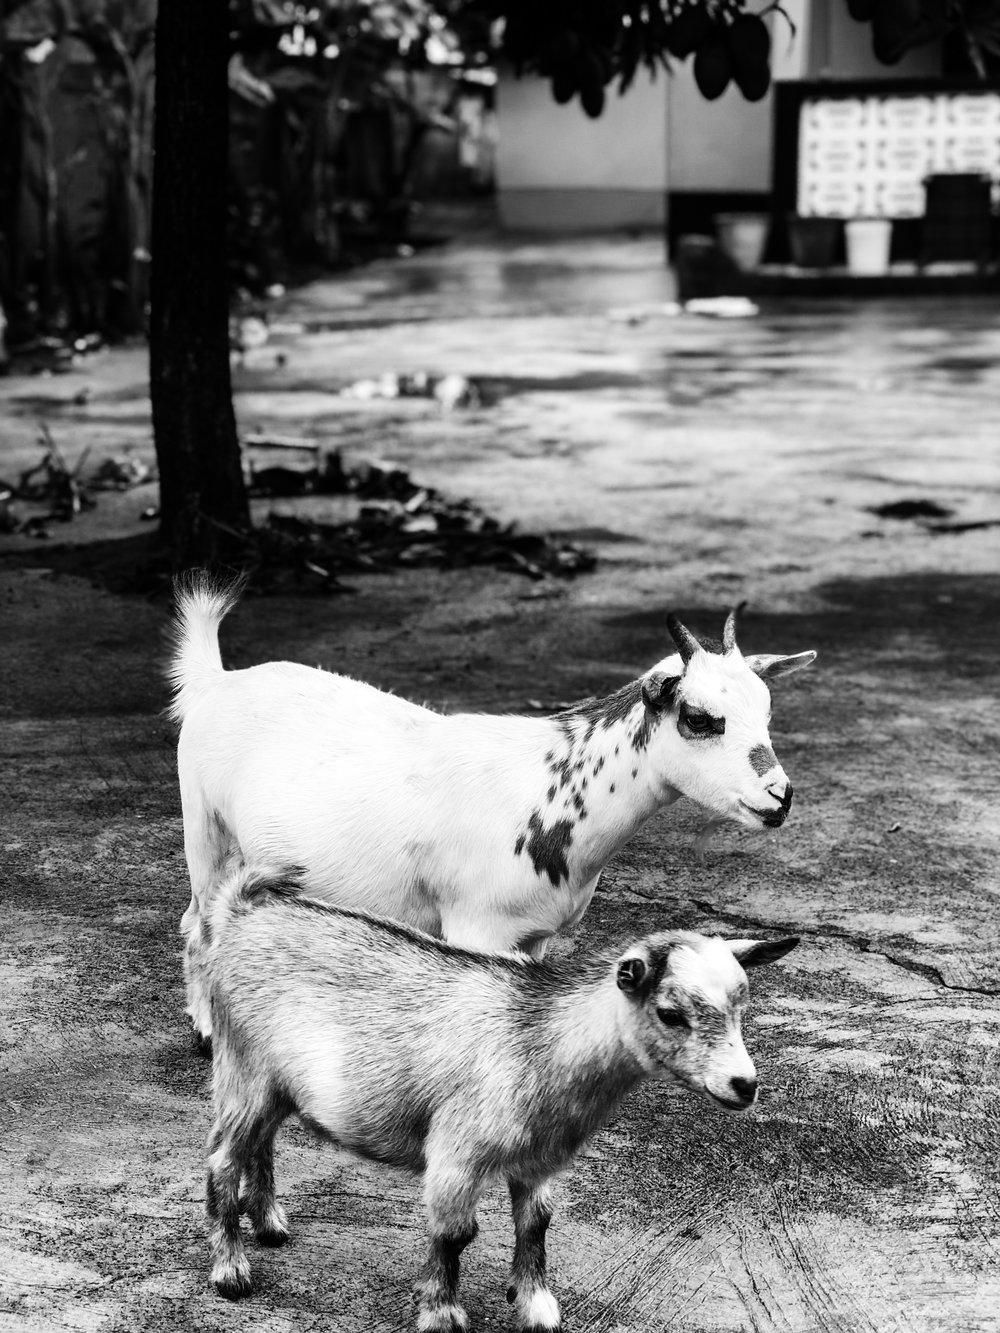 Ghana goats